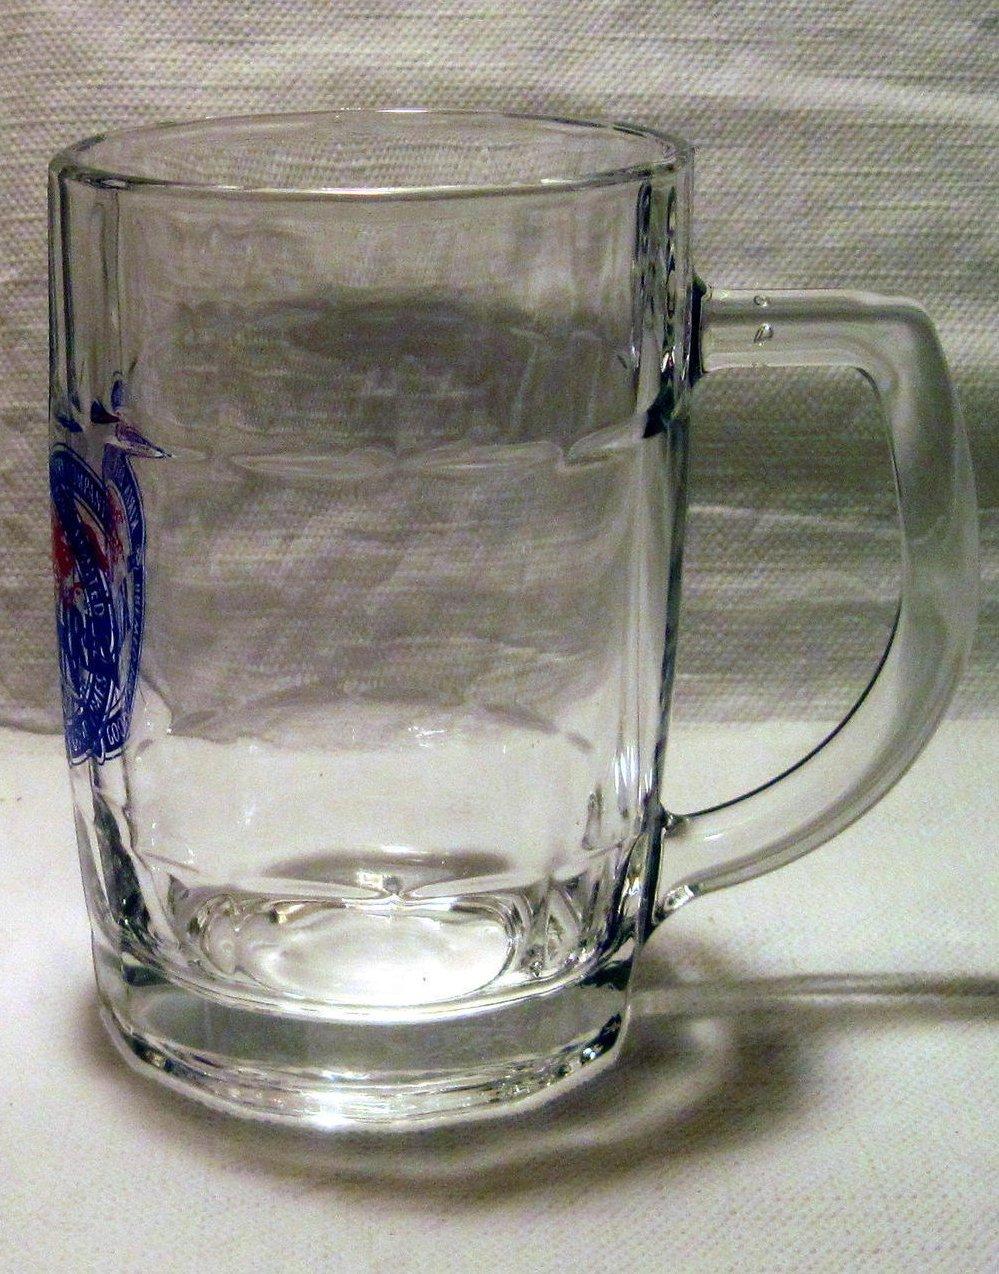 Image 1 of Kirin Beer Mug Japanese 10 oz NIB OOS